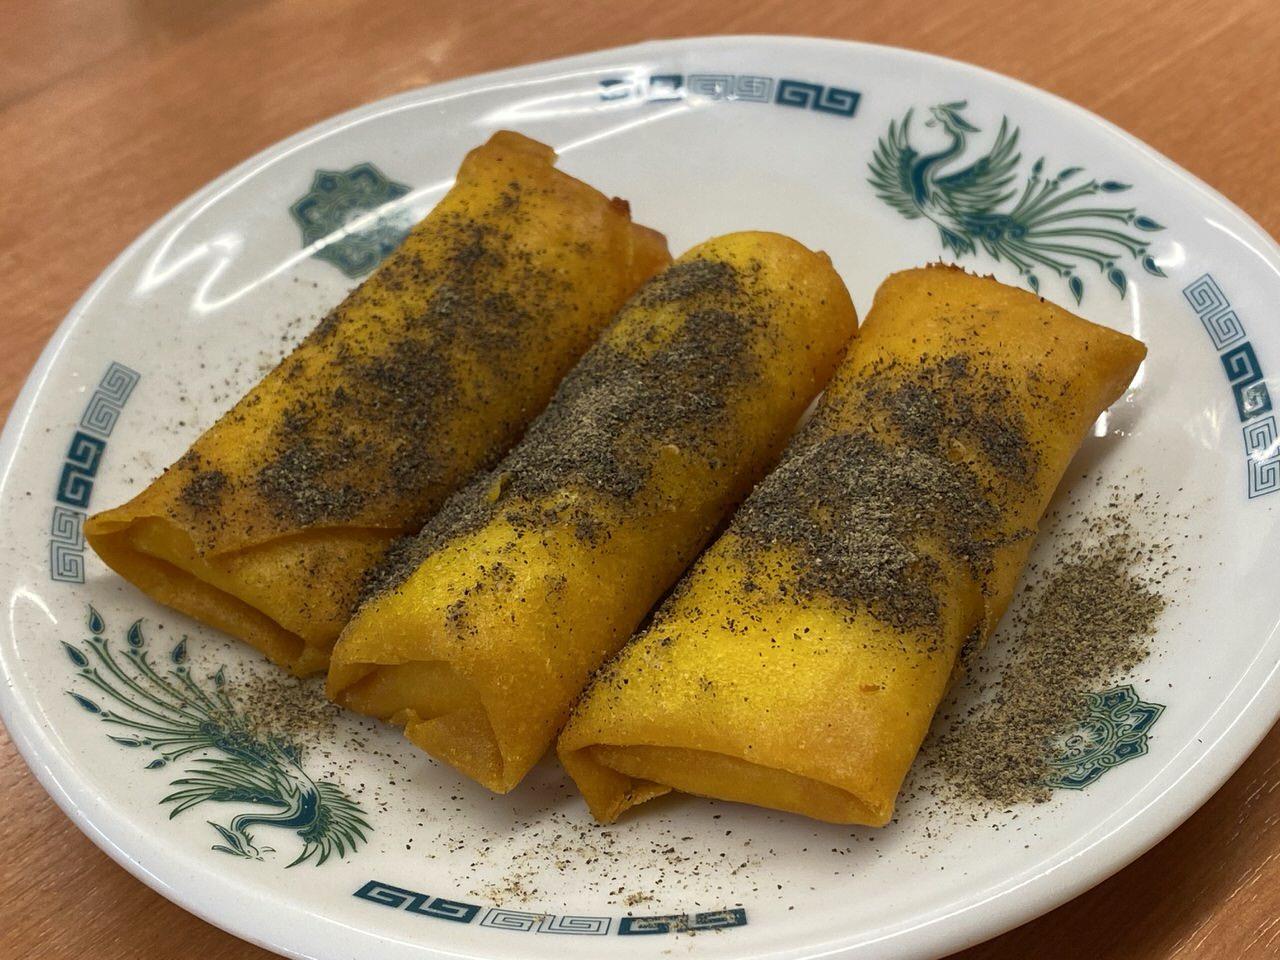 【日高屋】250円の「チーズ巻き」に胡椒たっぷりがすこぶる美味い